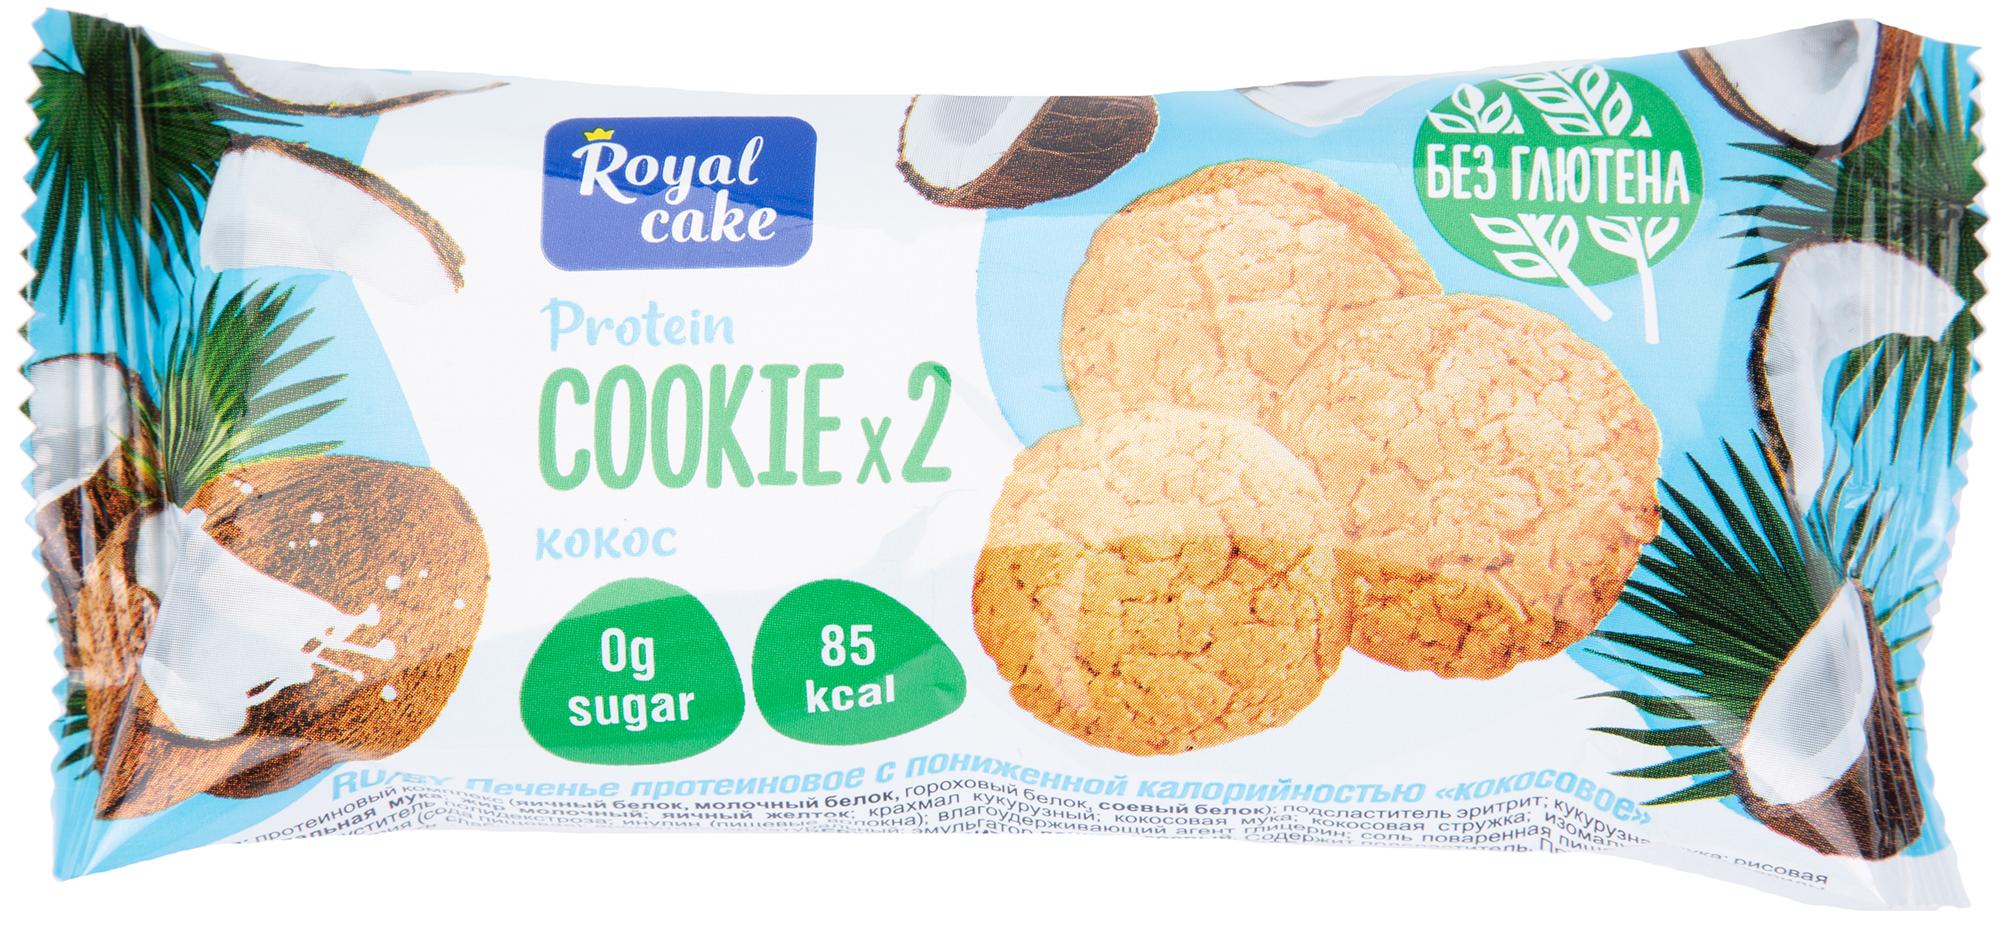 Royal cake Печенье протеиновое кокосовое